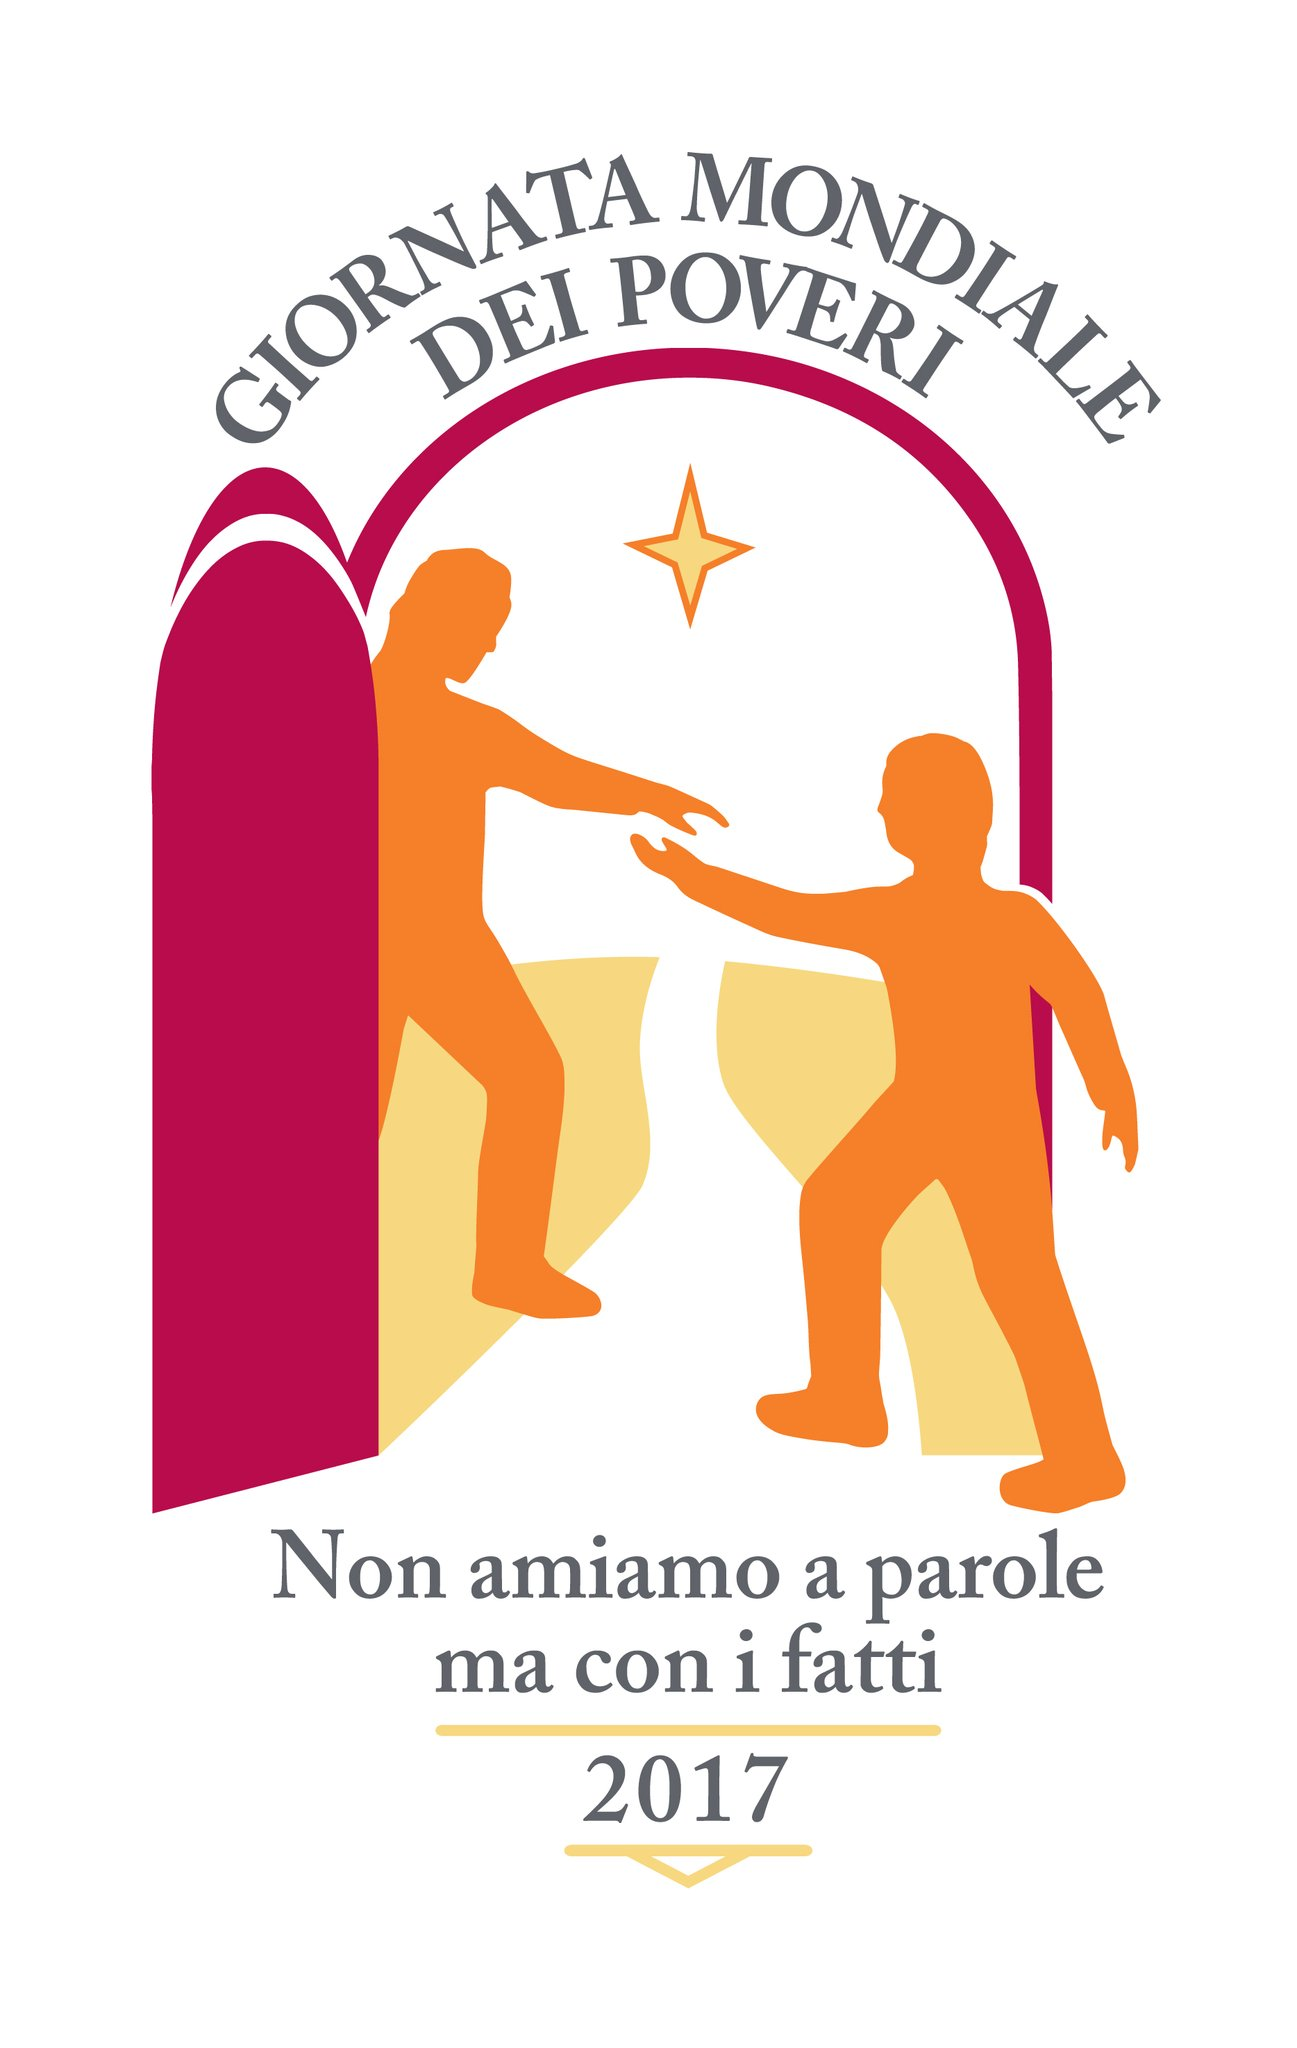 Domenica Giornata Mondiale dei Poveri con Papa Francesco